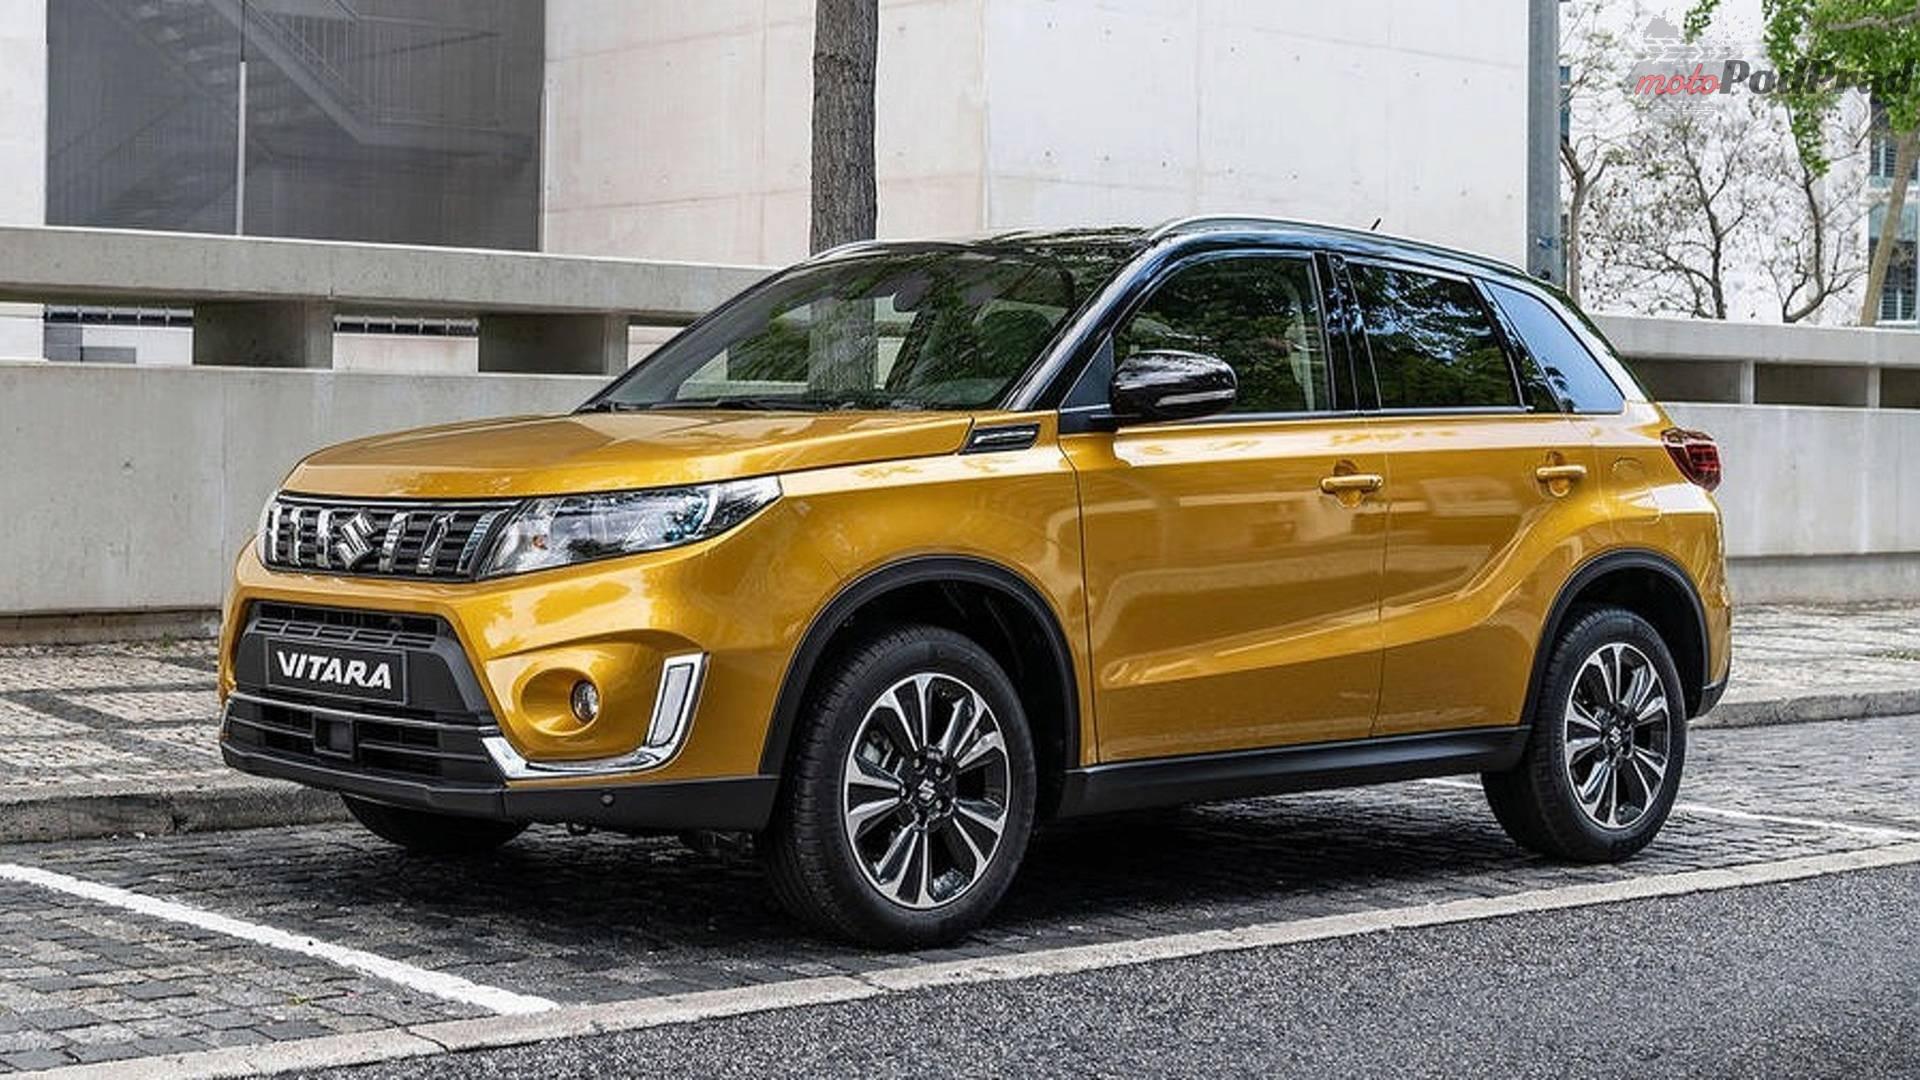 2019 suzuki vitara 3 Najpopularniejsze samochody w krajach europejskich